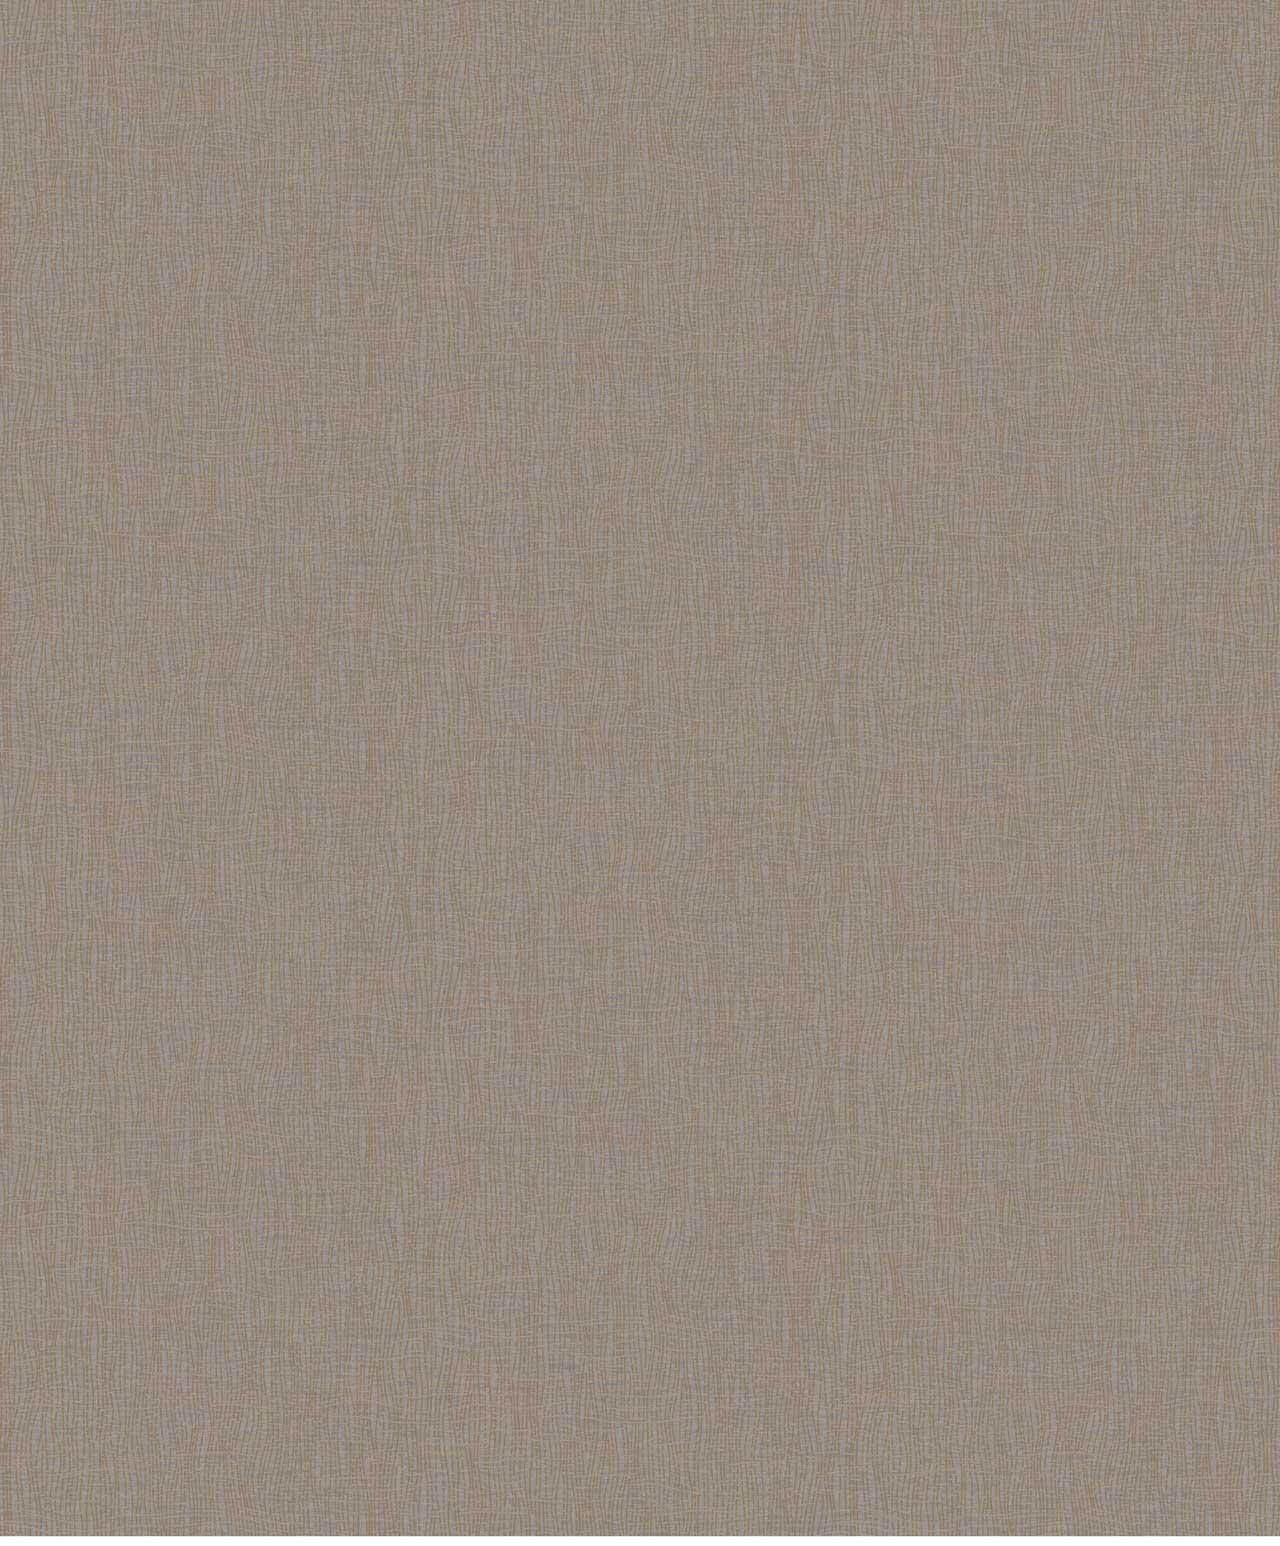 Capri-Luxury-Wallpaper-CP00733-SMALL-STRING